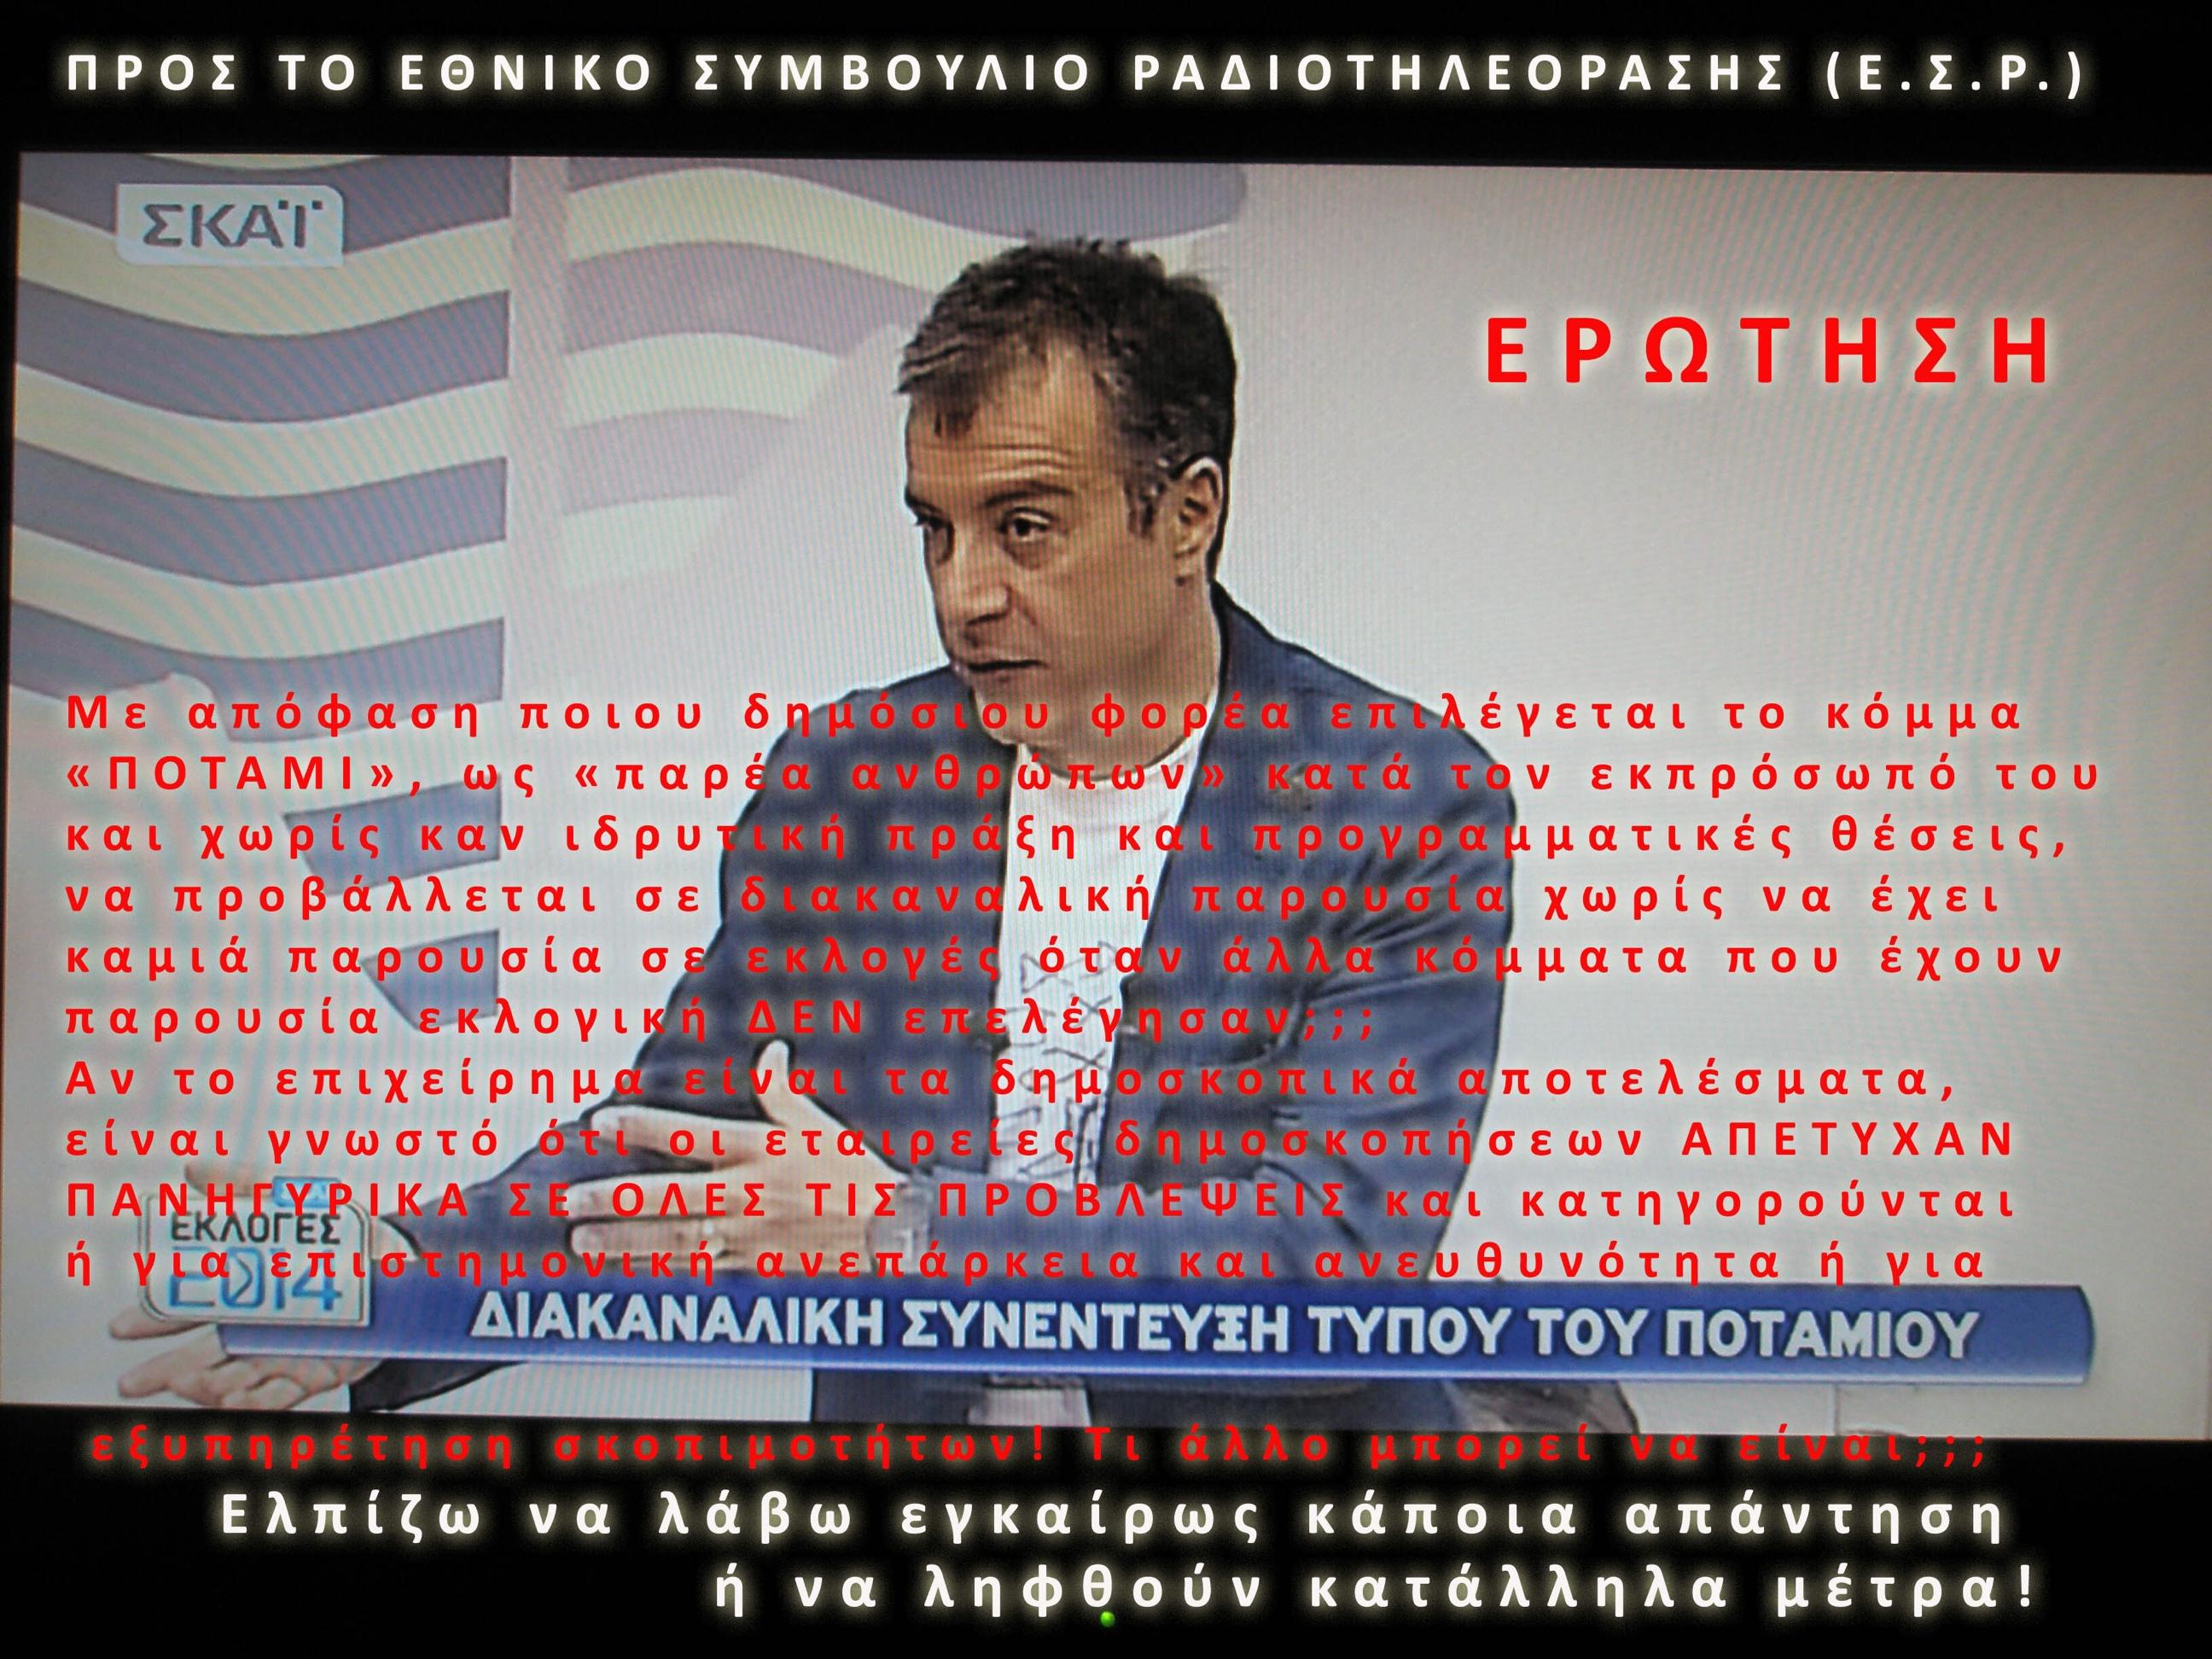 Θεοδωρακης_ποτάμι_ΕΣΡ.JPG